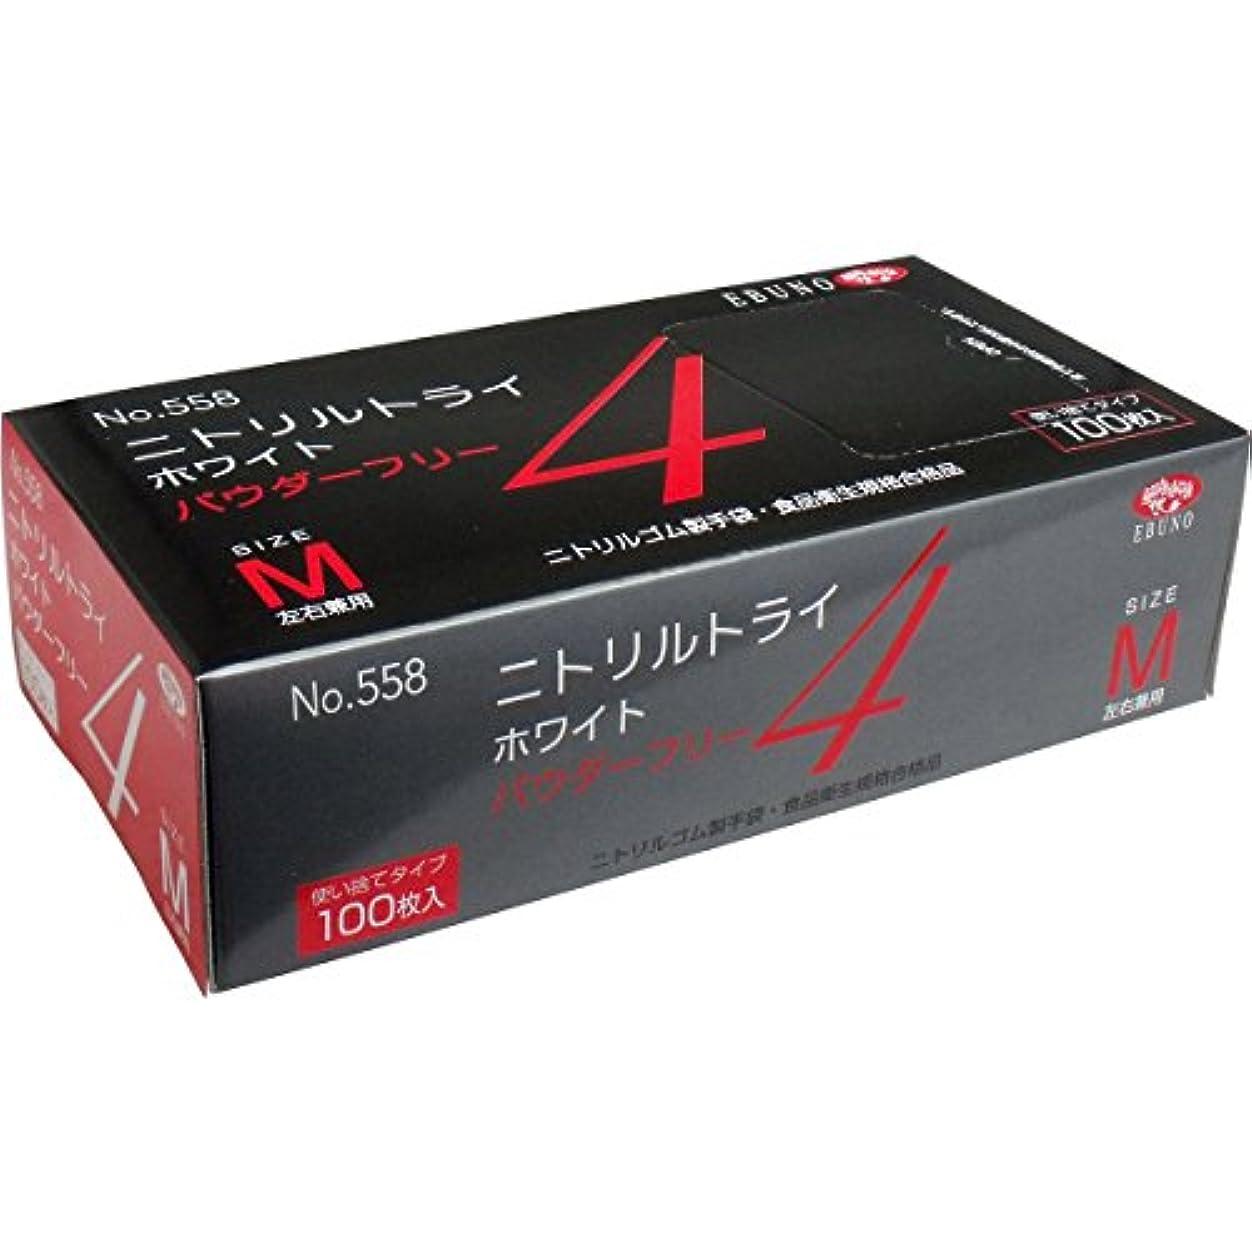 スカルクサミット起業家ニトリルトライ4 手袋 ホワイト パウダーフリー Mサイズ 100枚入×10個セット